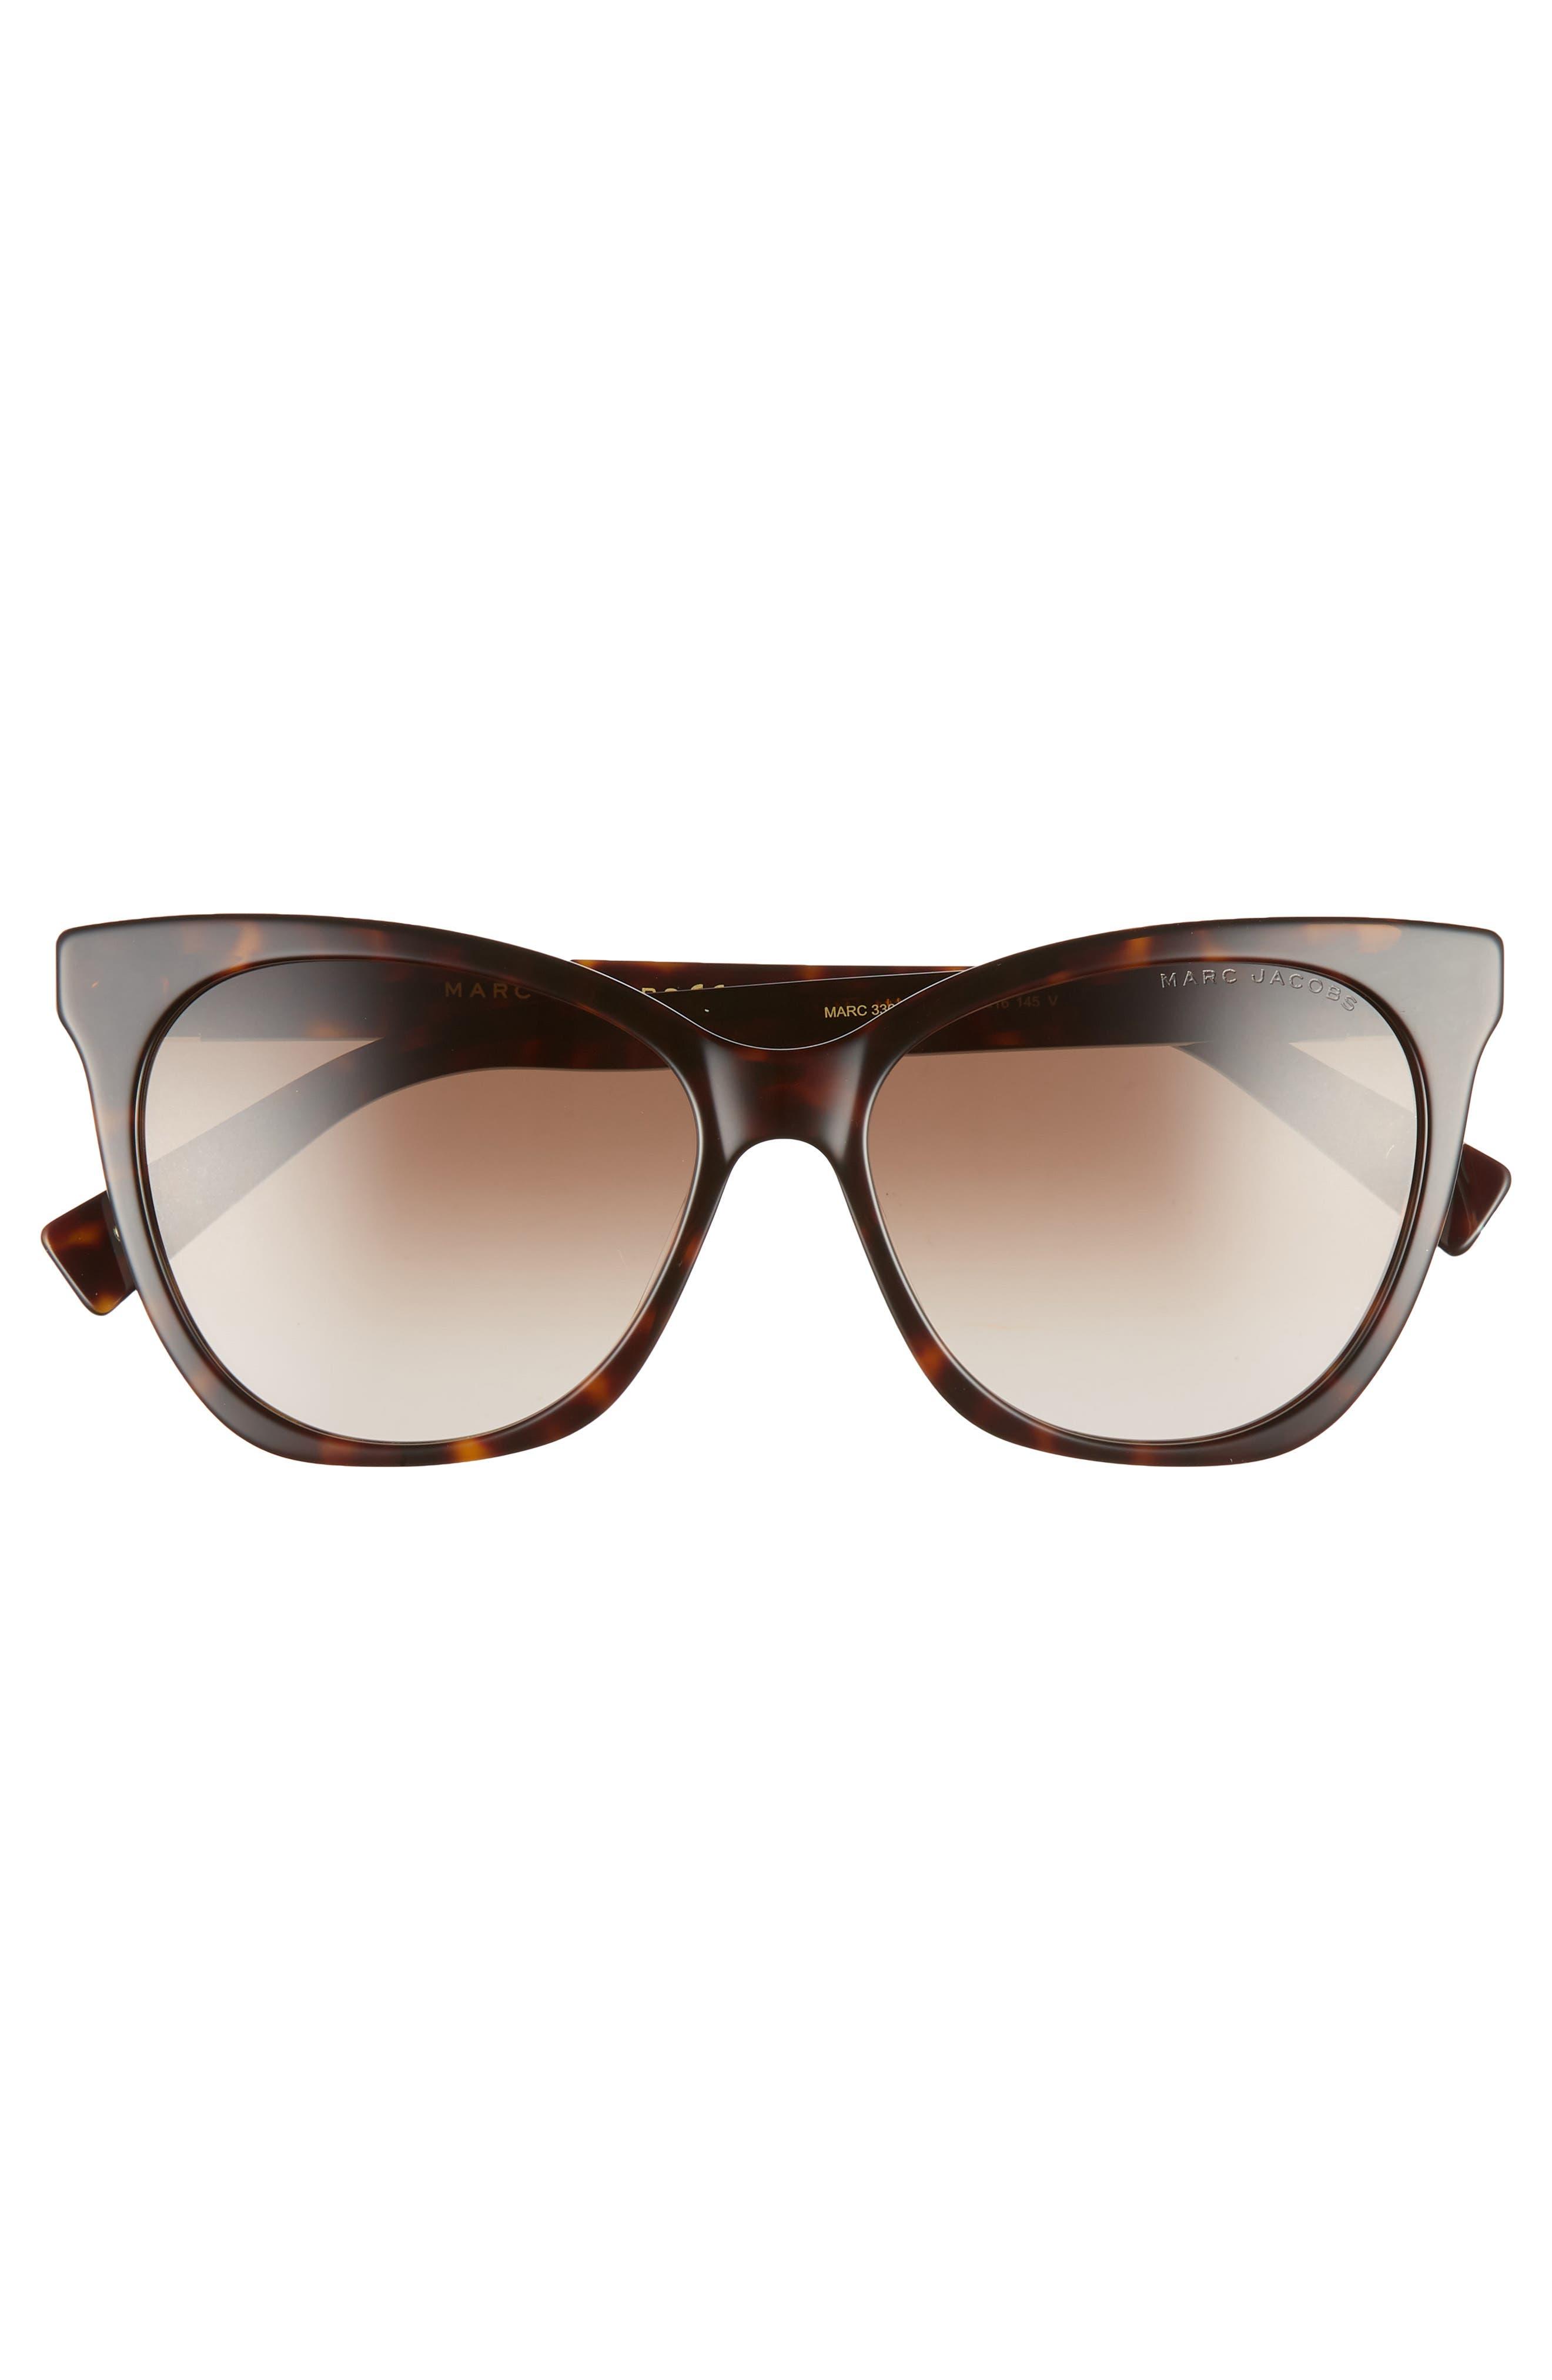 56mm Cat Eye Sunglasses,                             Alternate thumbnail 3, color,                             DARK HAVANA